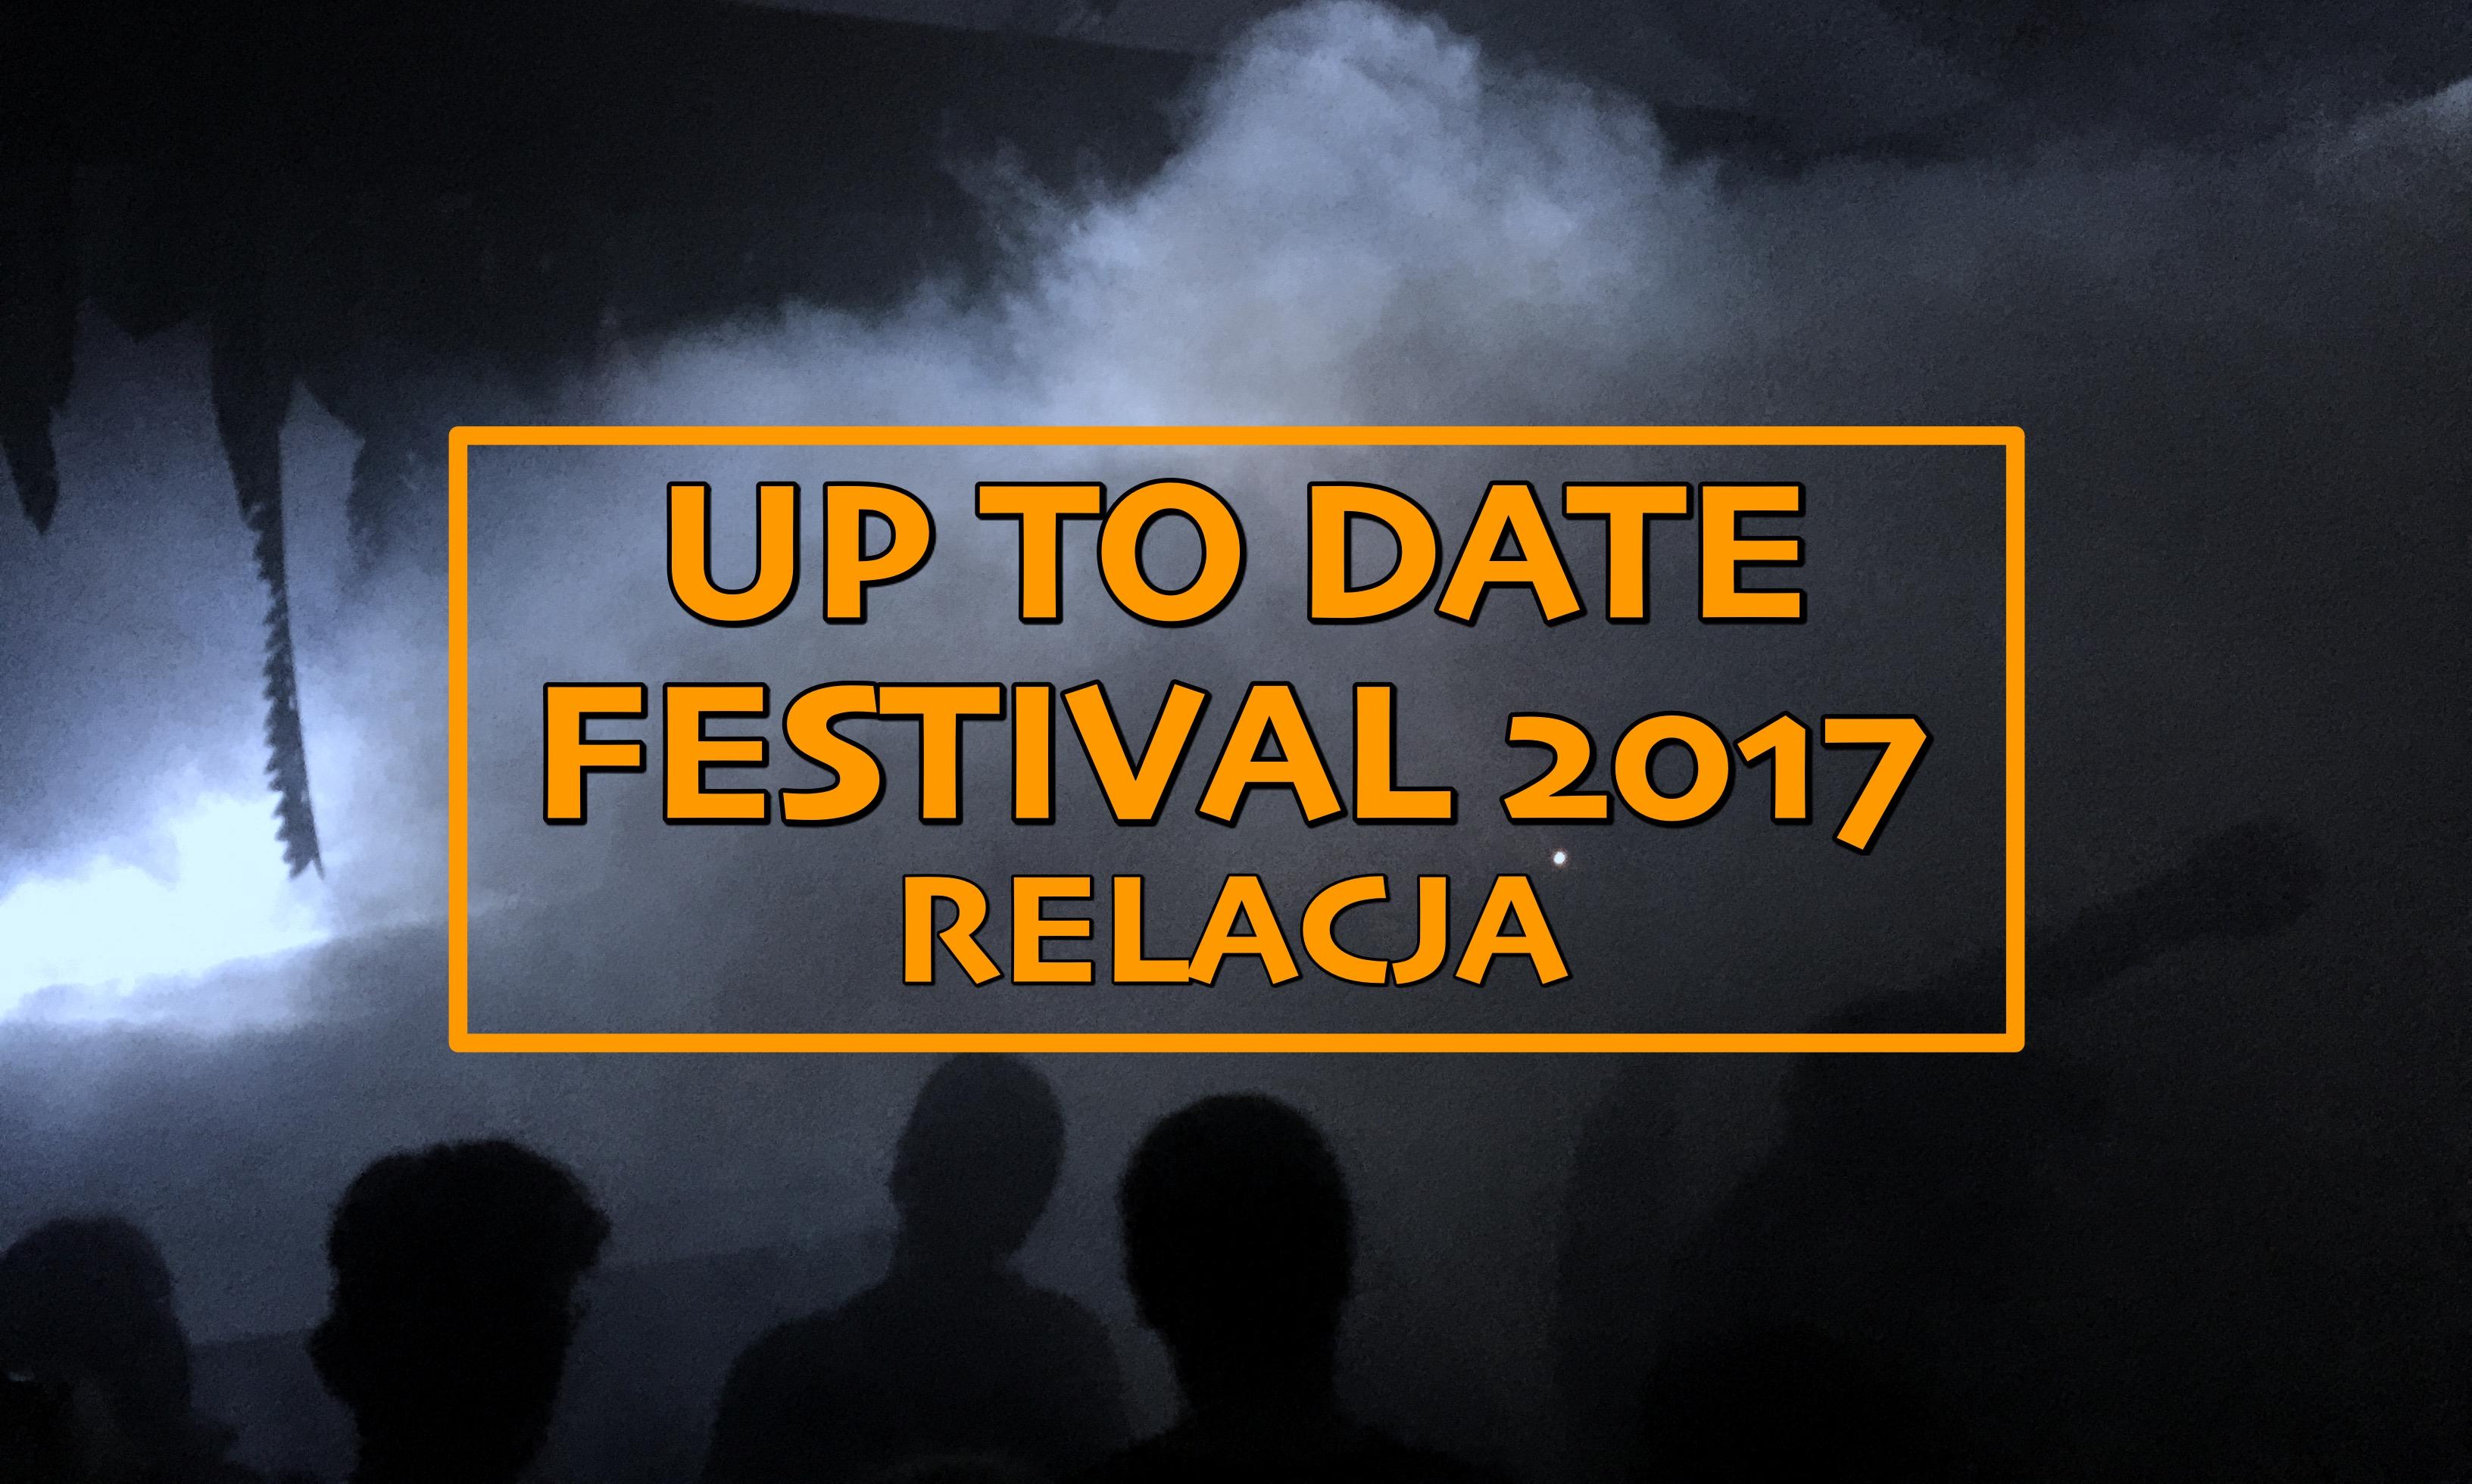 To już coś więcej niż festiwal – relacja z Up To Date 2017